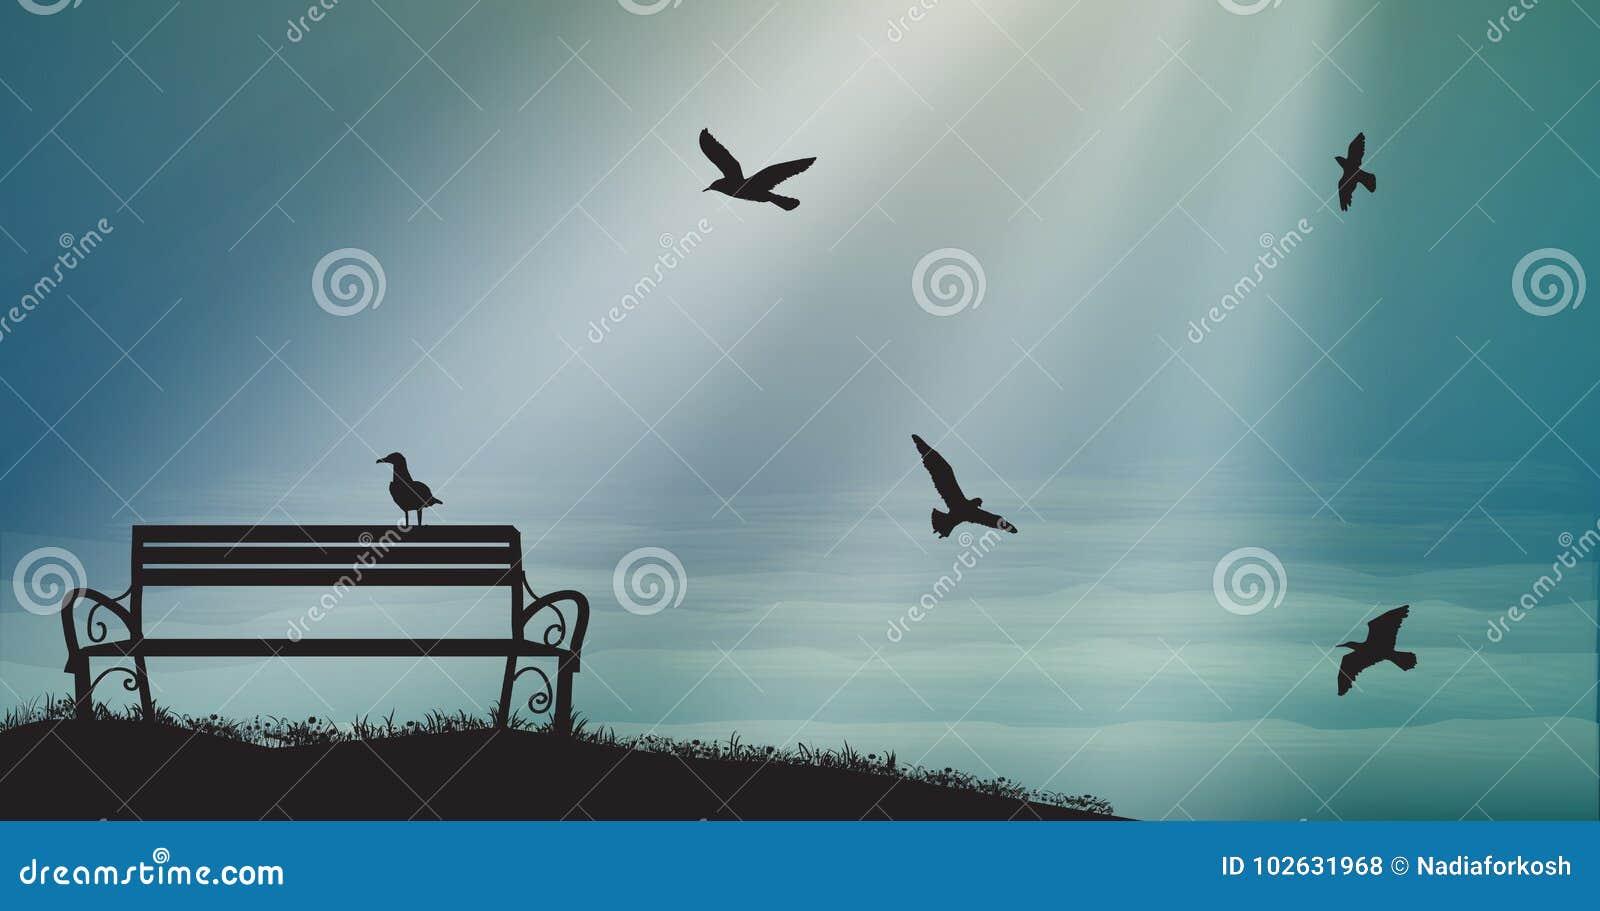 Videz le banc avec des mouettes et des rayons du soleil, ombres, souvenirs, rêves doux de mer,